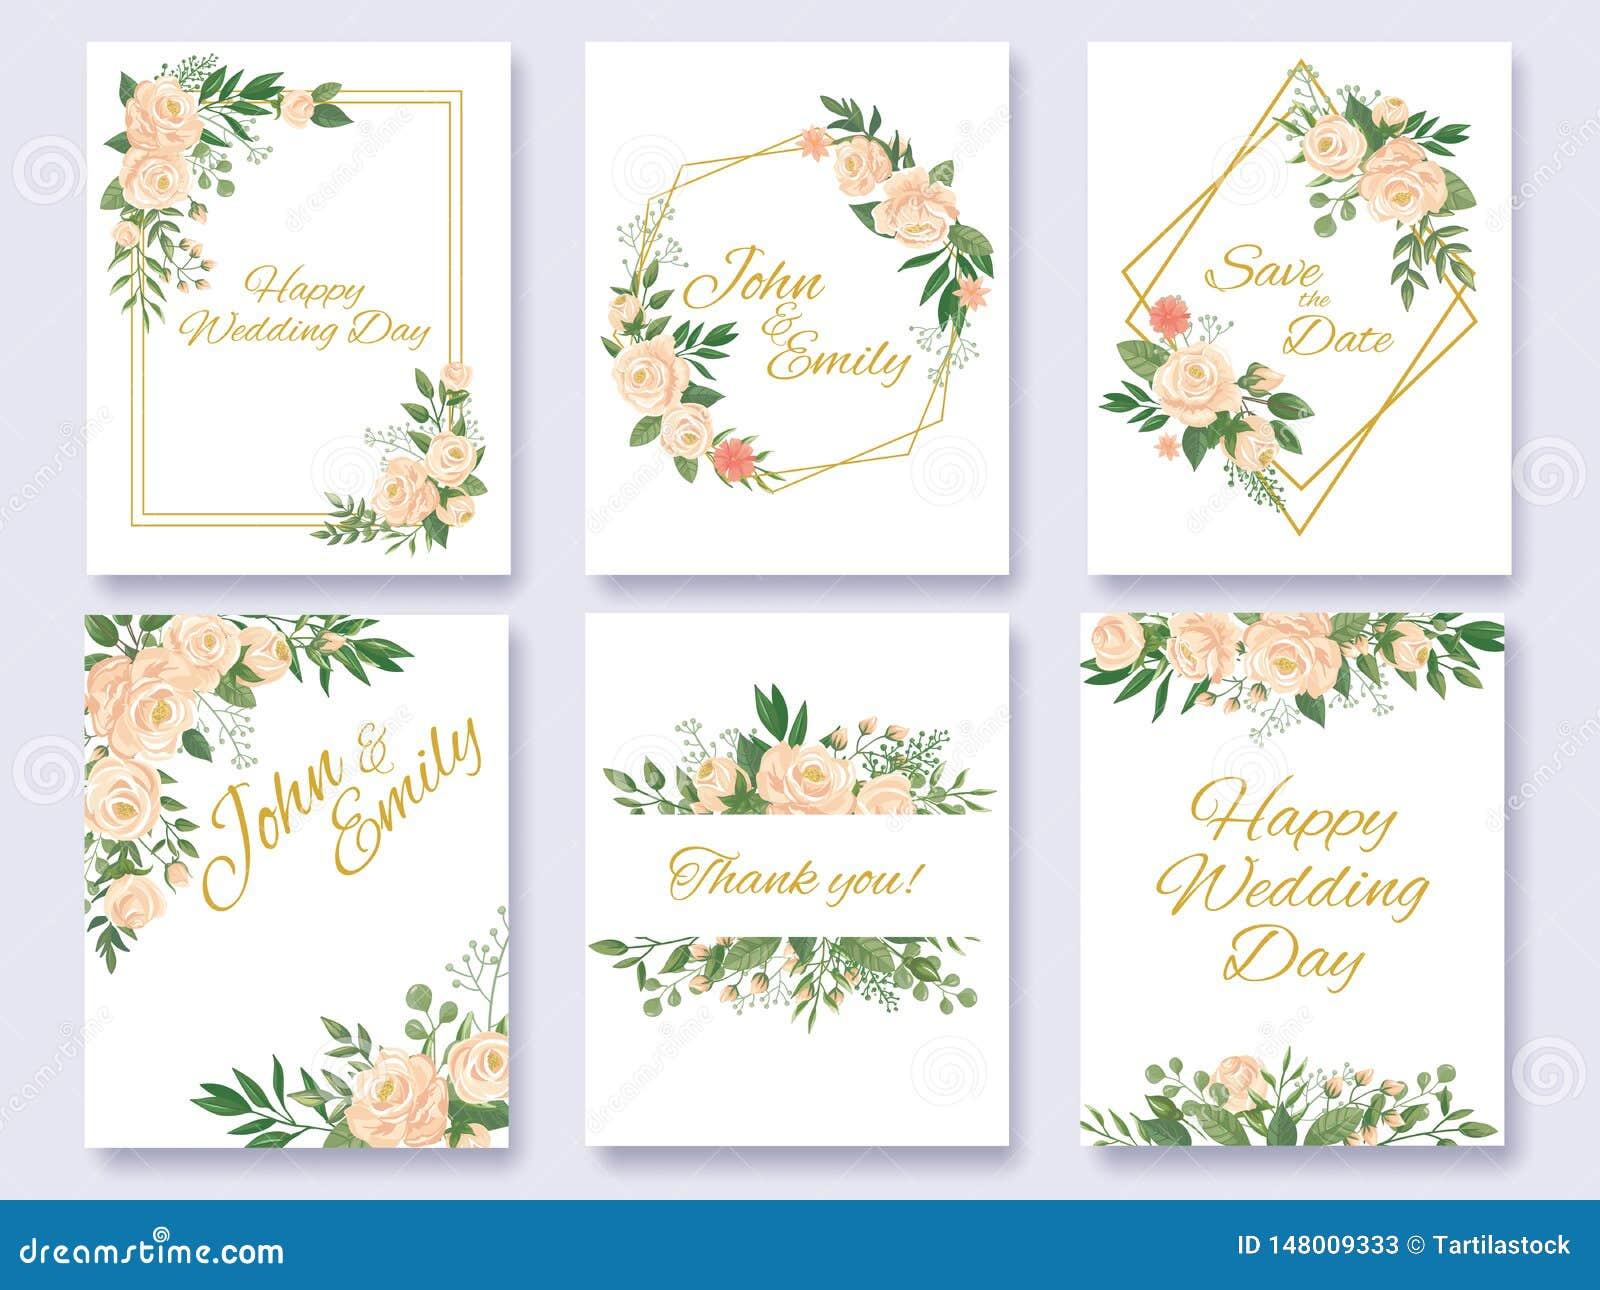 Wedding Invitation Floral Card Flowers Frames Rose Flower